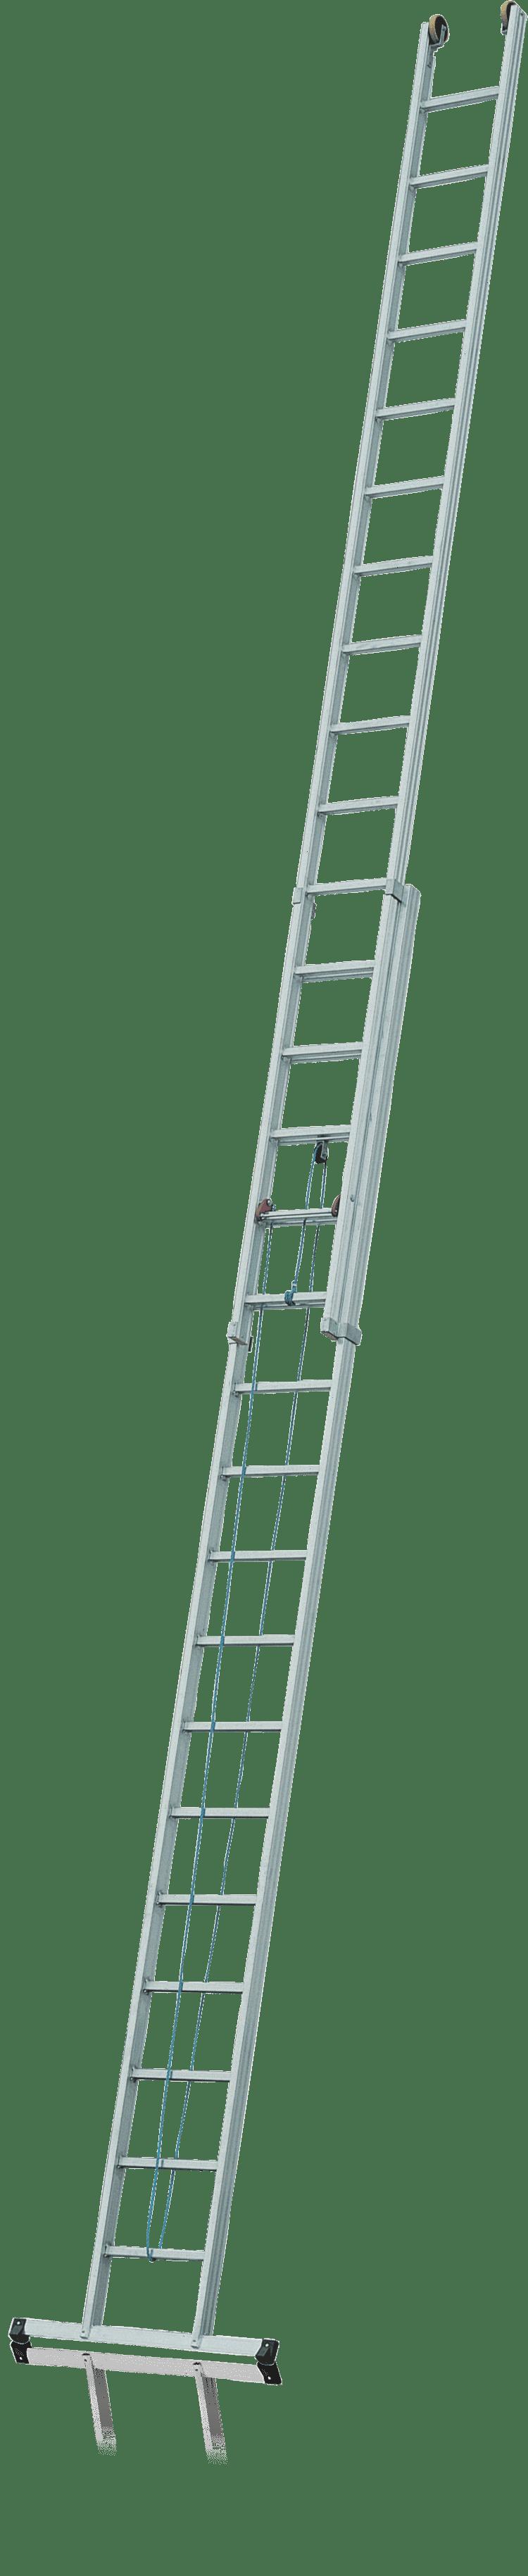 Dvojdielny lanoťahový rebrík Typ R620